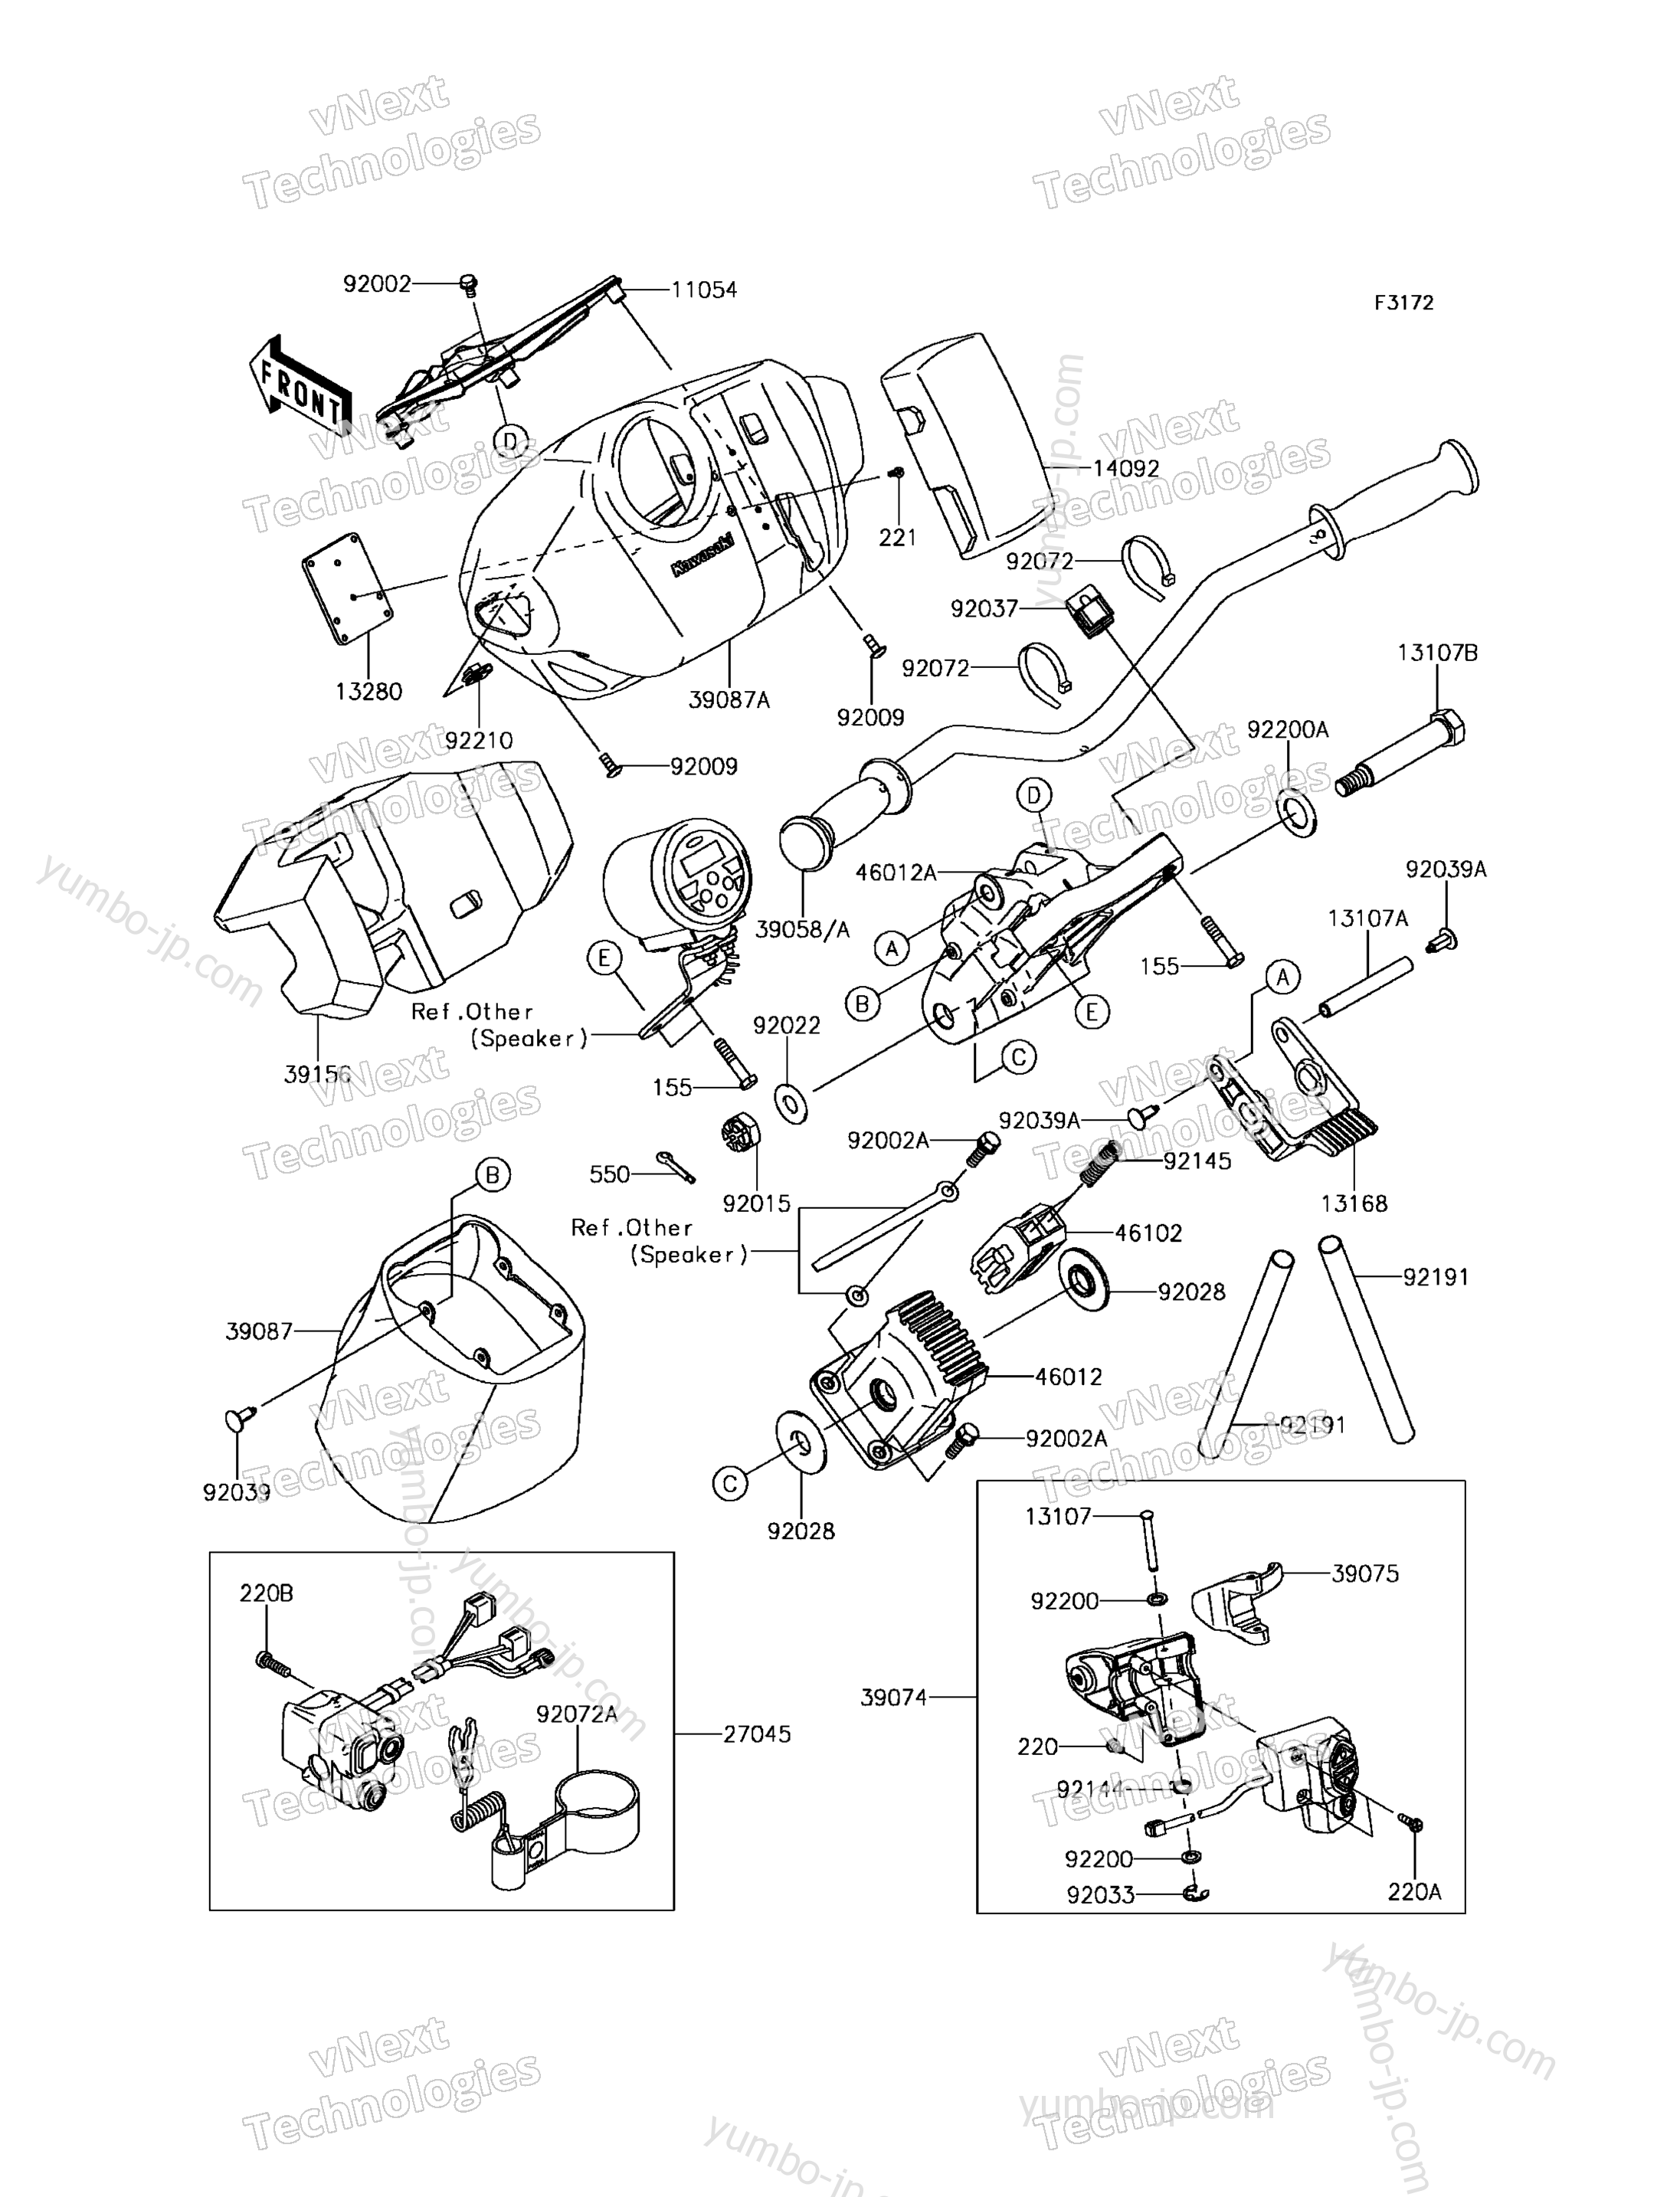 Румпель (рукоятка управления) для гидроцикла KAWASAKI JET SKI ULTRA 310LX (JT1500MEF) 2014 г.